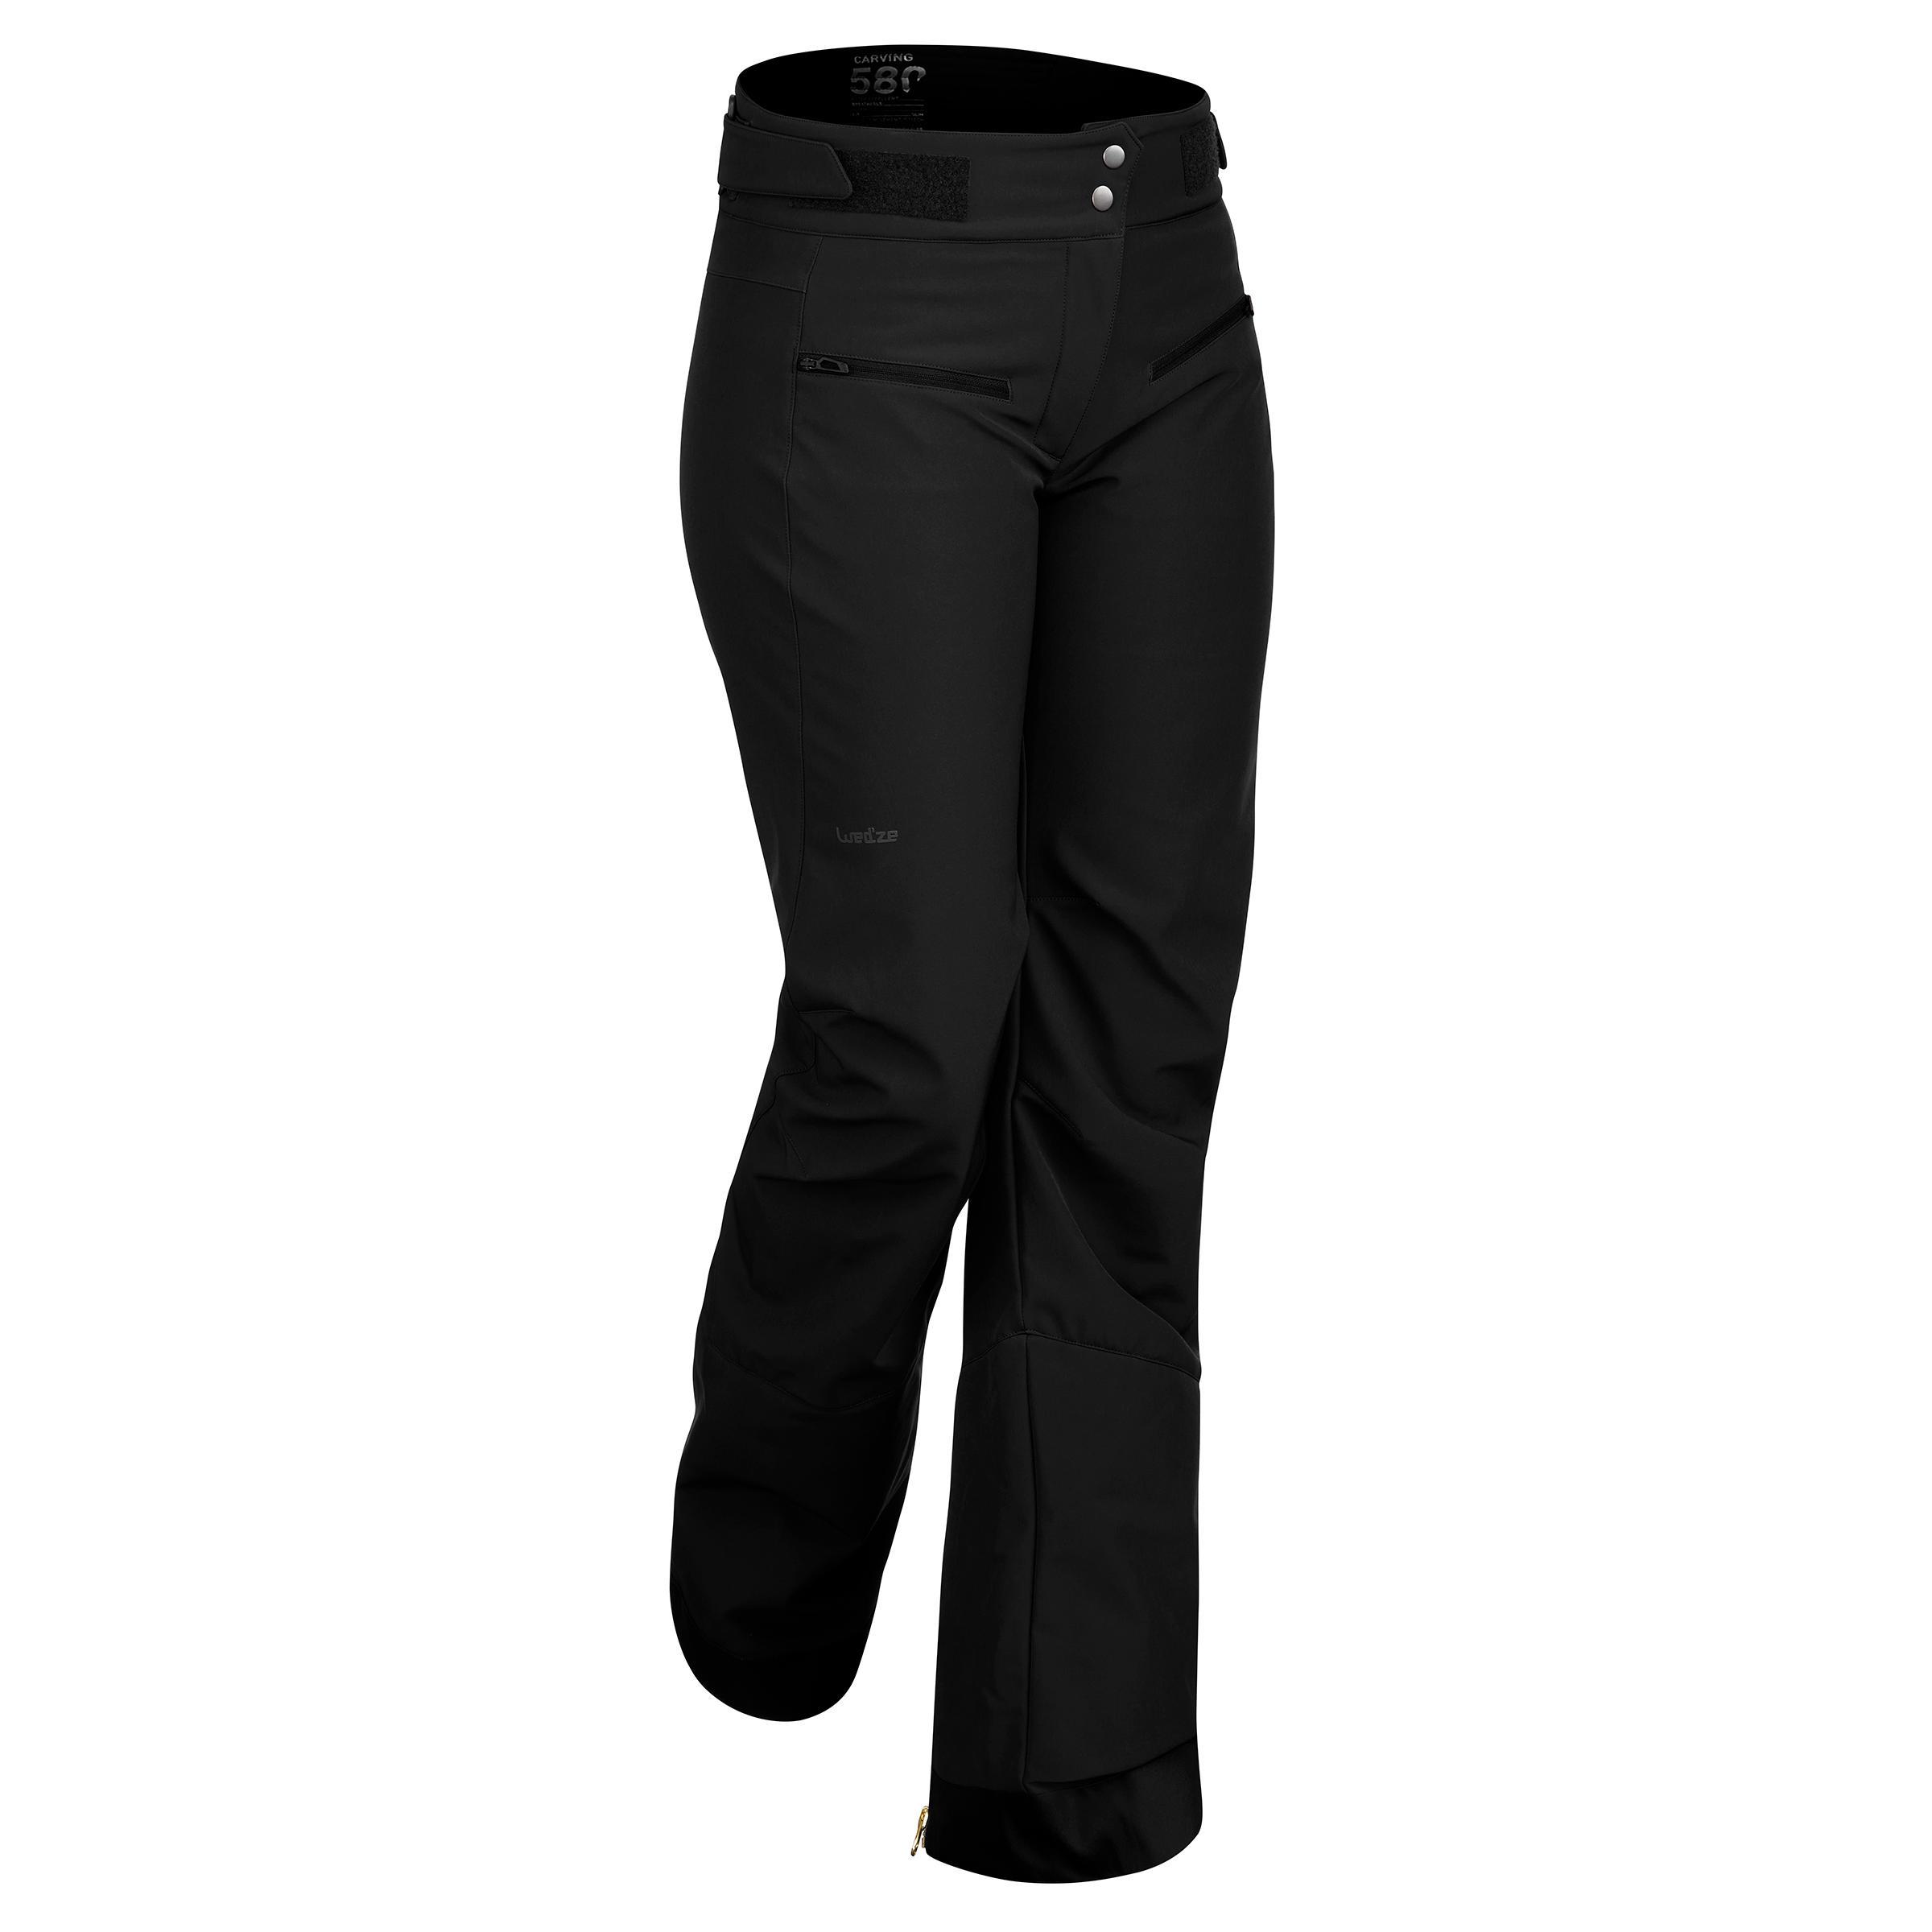 db9344a889 Comprar Pantalones de Esquí y Nieve Online | Decathlon